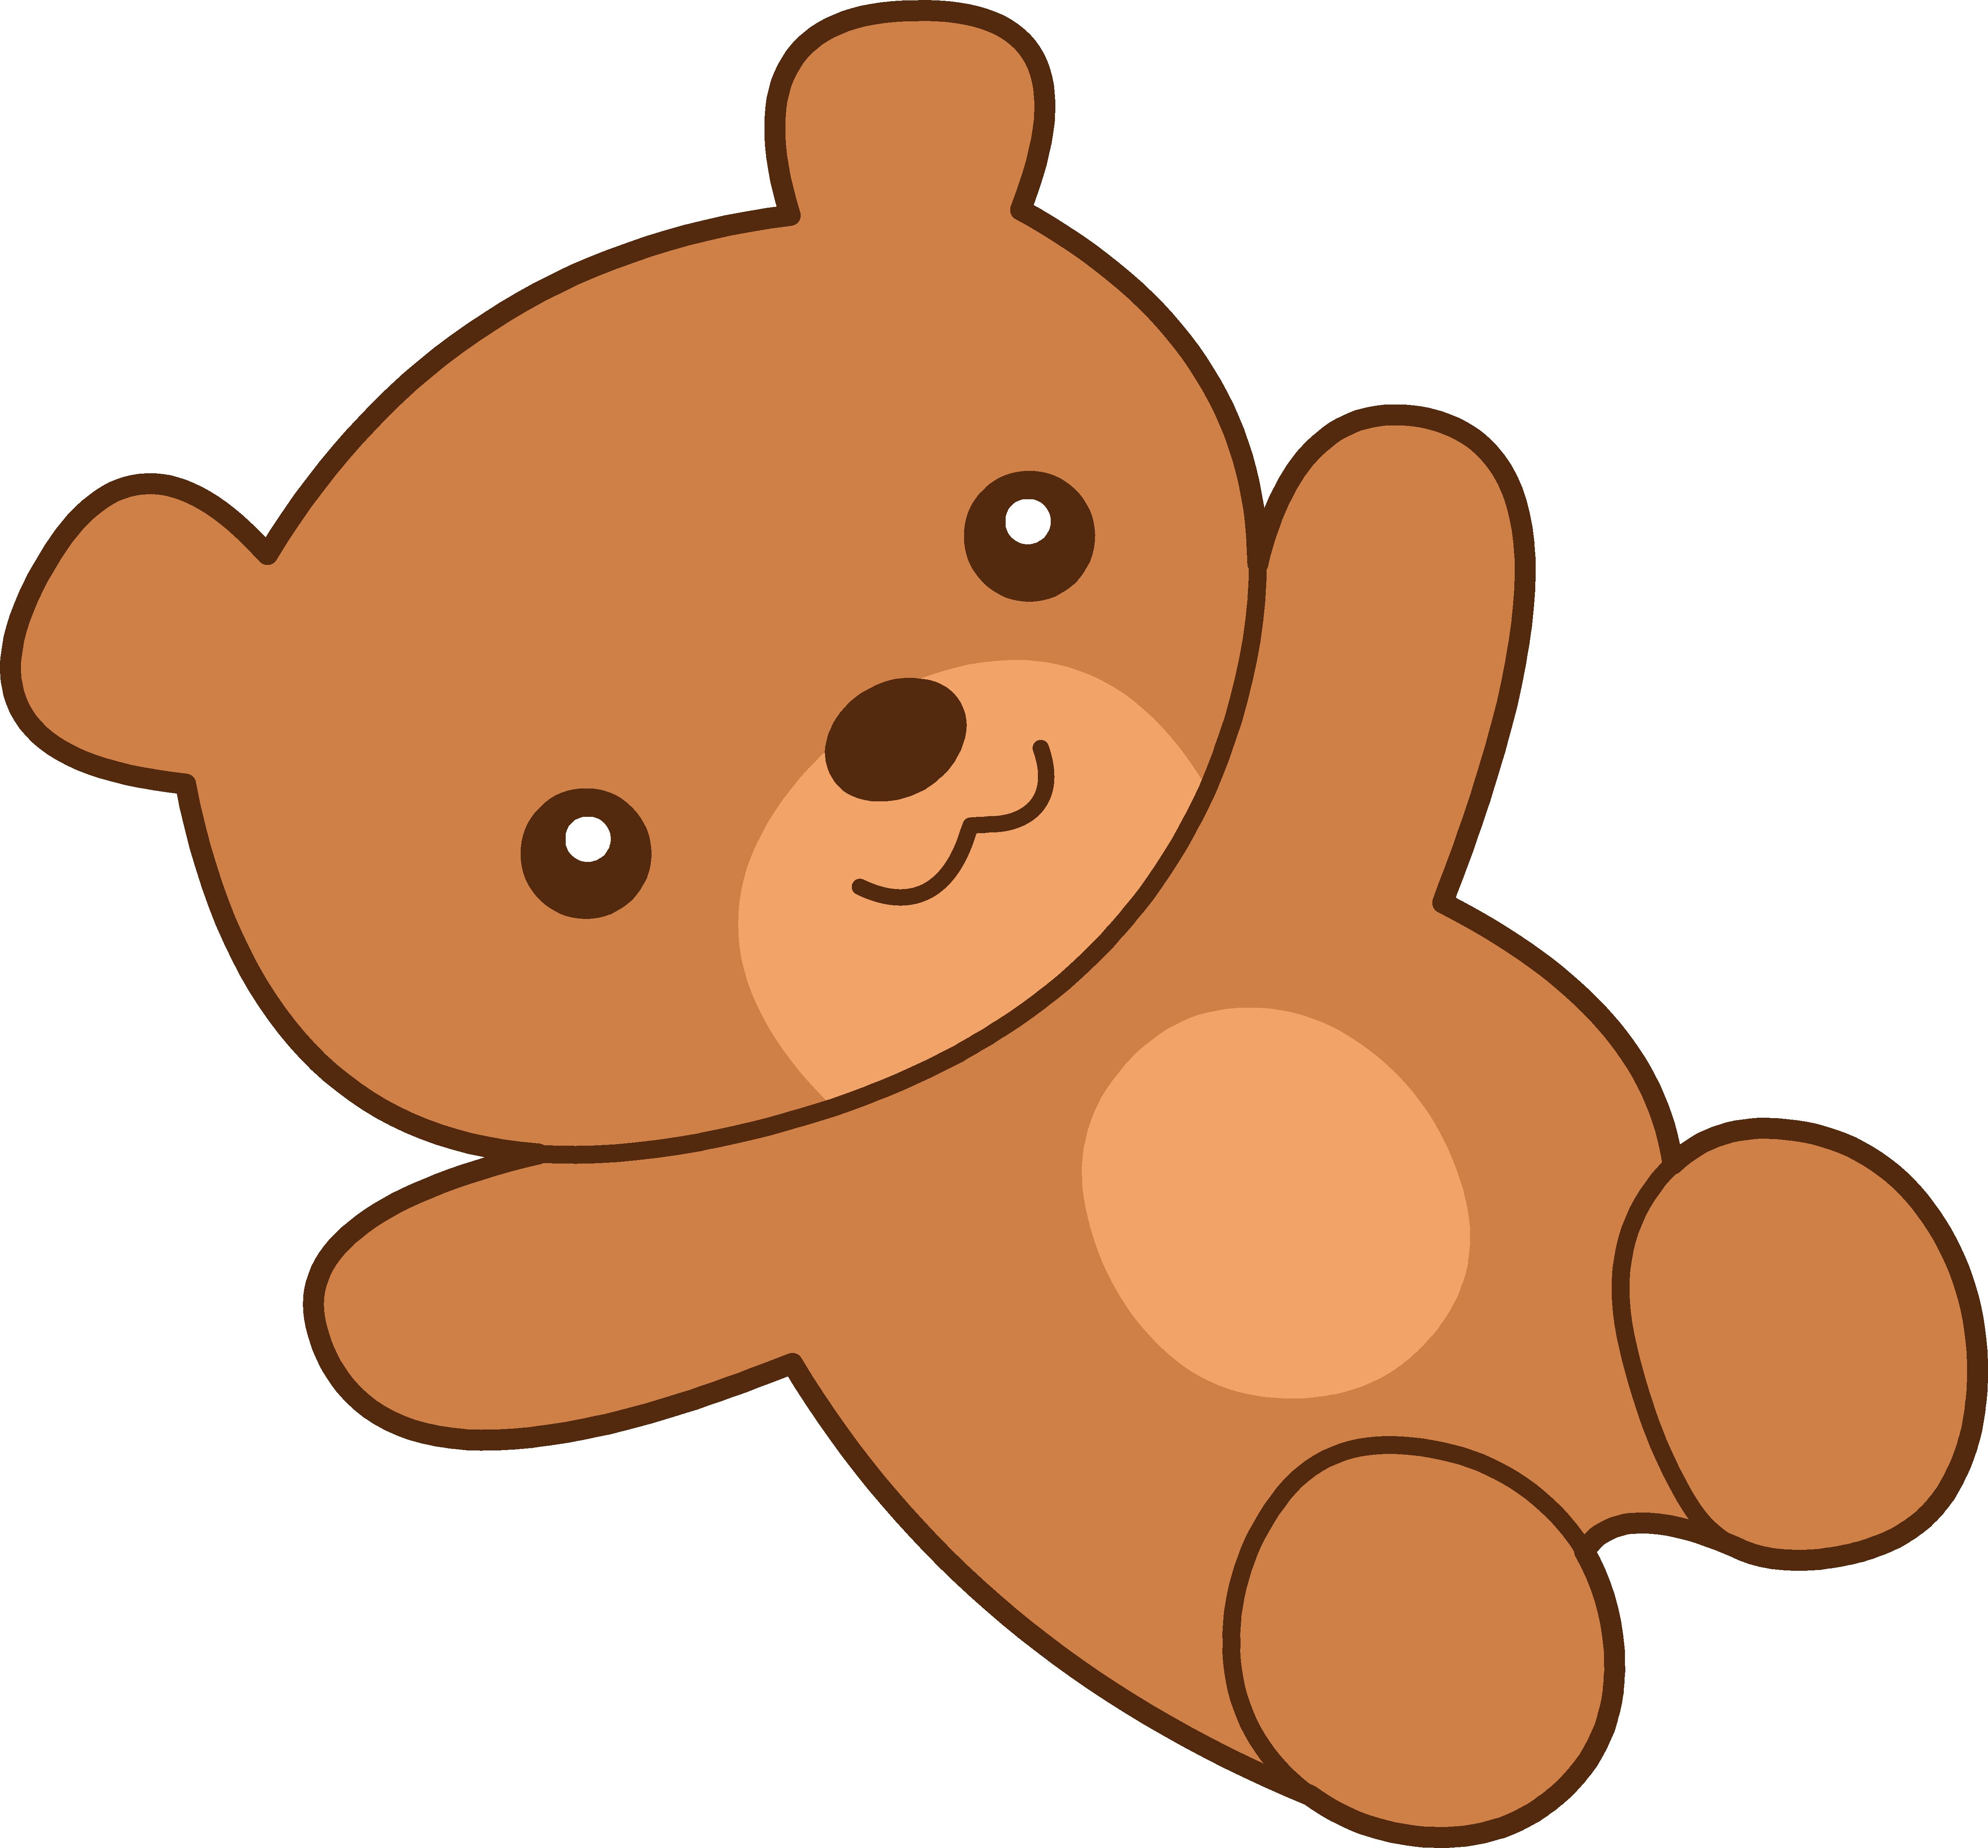 5120x4760 Sponge Drawing Teddy Bear Huge Freebie! Download For Powerpoint